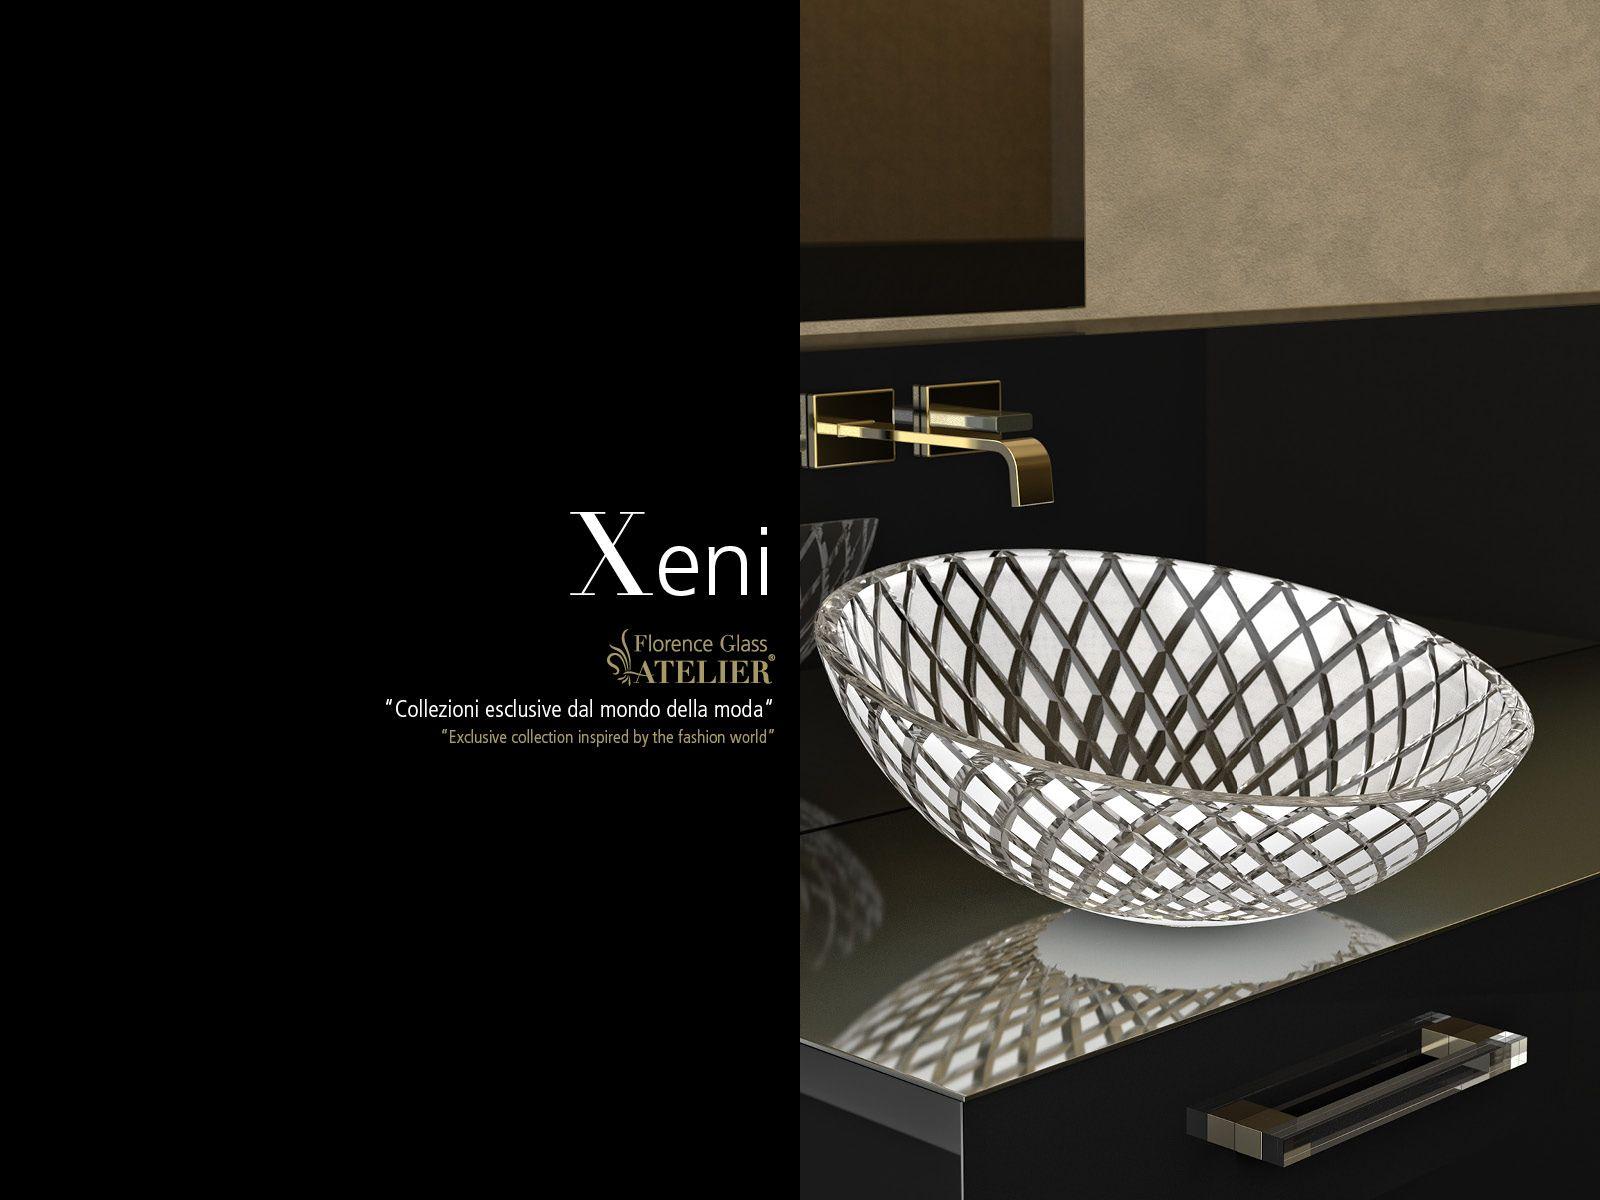 Glass design xeni lavabo de vidrio atelier lavabos de cristal glass washbasins - Lavabo de vidrio ...